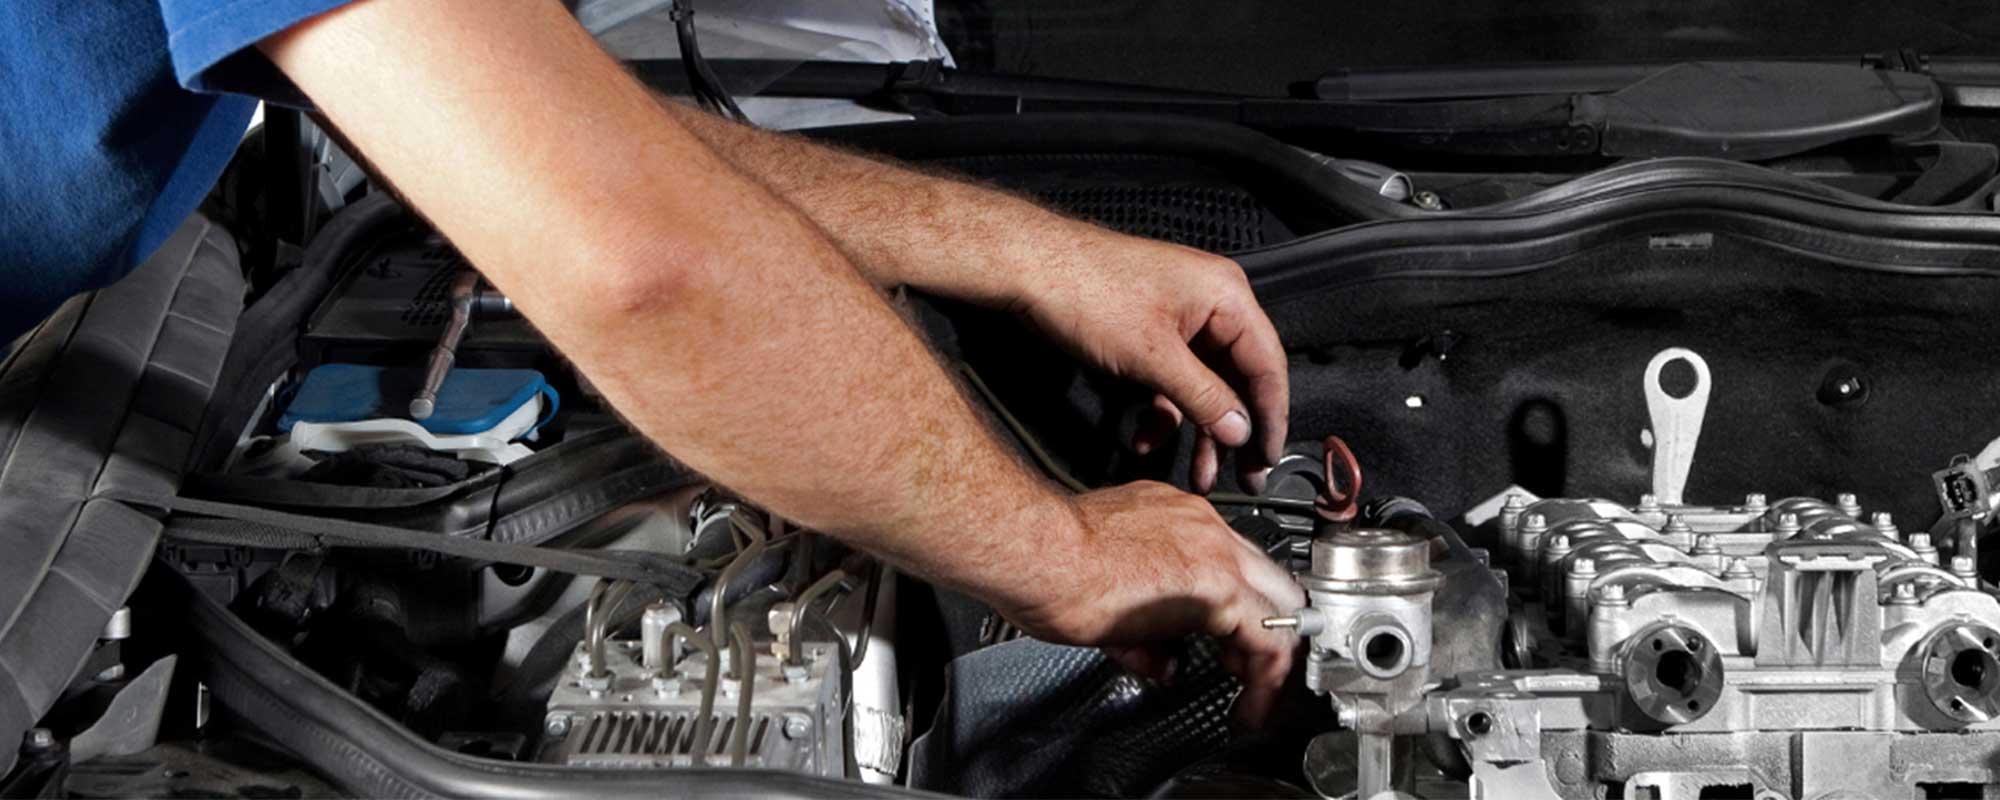 pvw-auto-repair-slideback